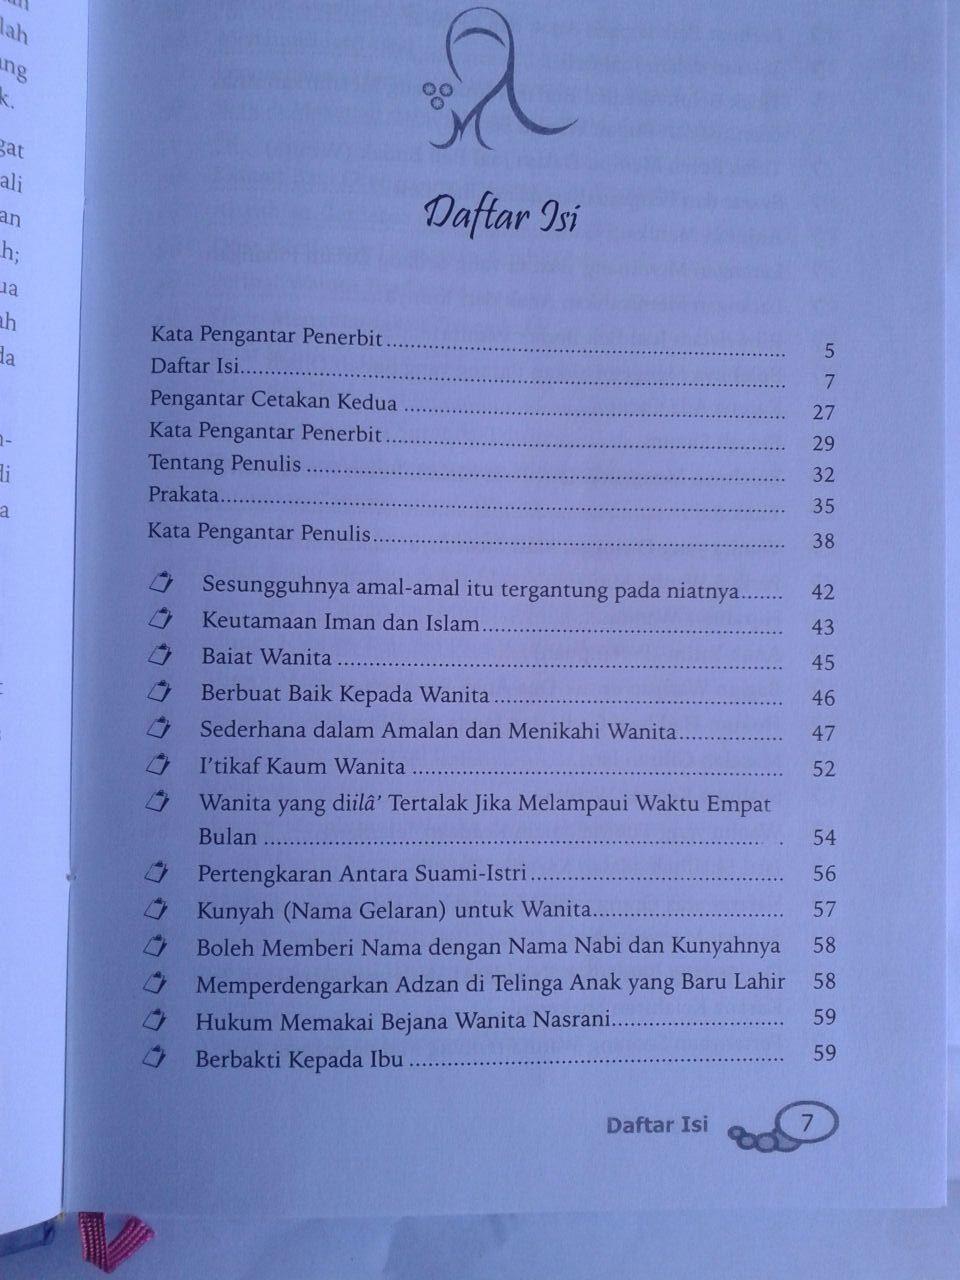 Buku Husnul Uswah Syarah Hadits-Hadits Wanita isi 3